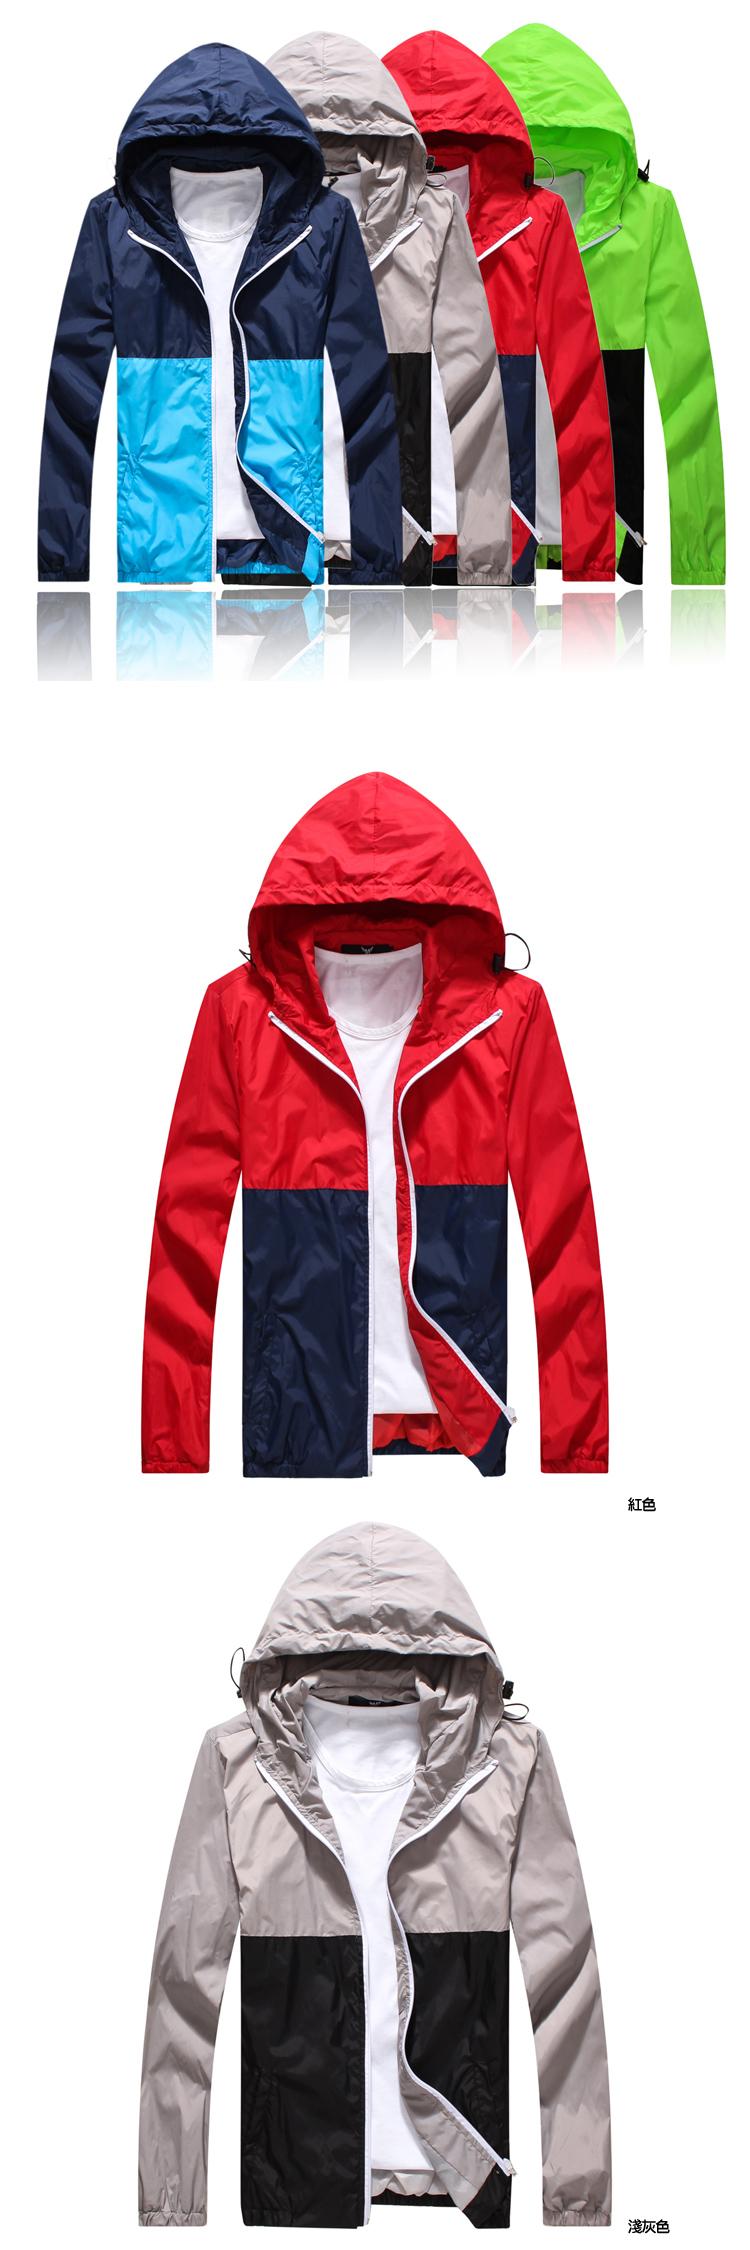 外套  情侶外套  保暖外套 潮流外套  雙色上下拼接防風連帽薄外套【M50086】艾咪E舖   小花   大根